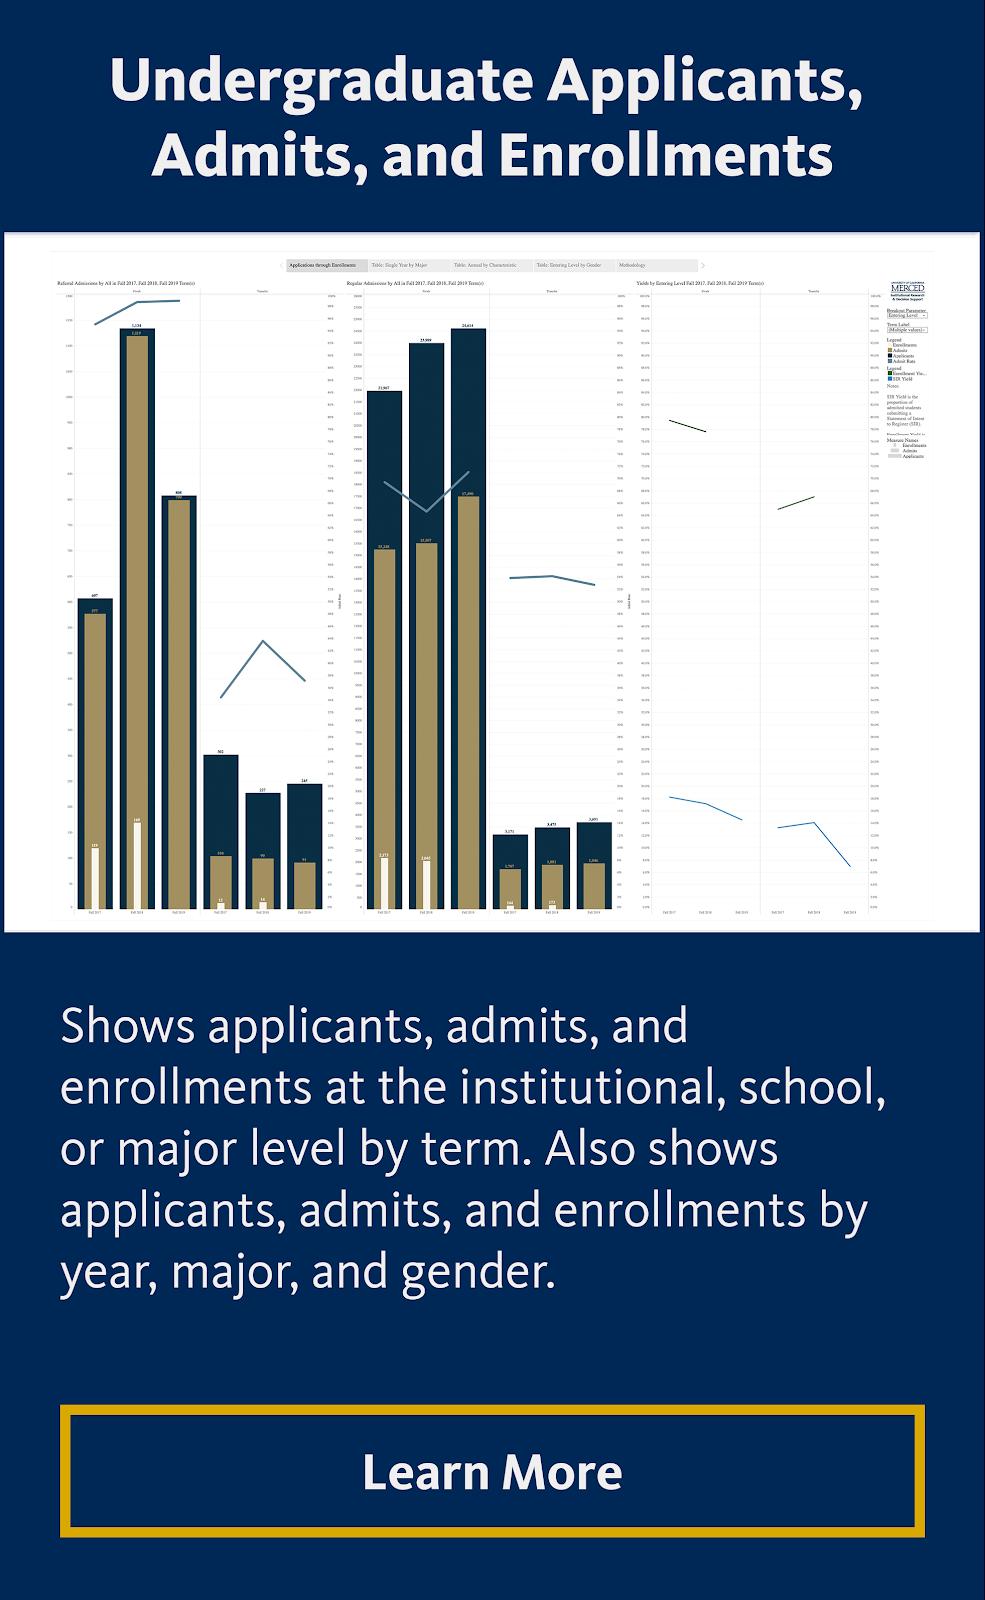 Undergraduate Applicatns, Admits, and Enrollments